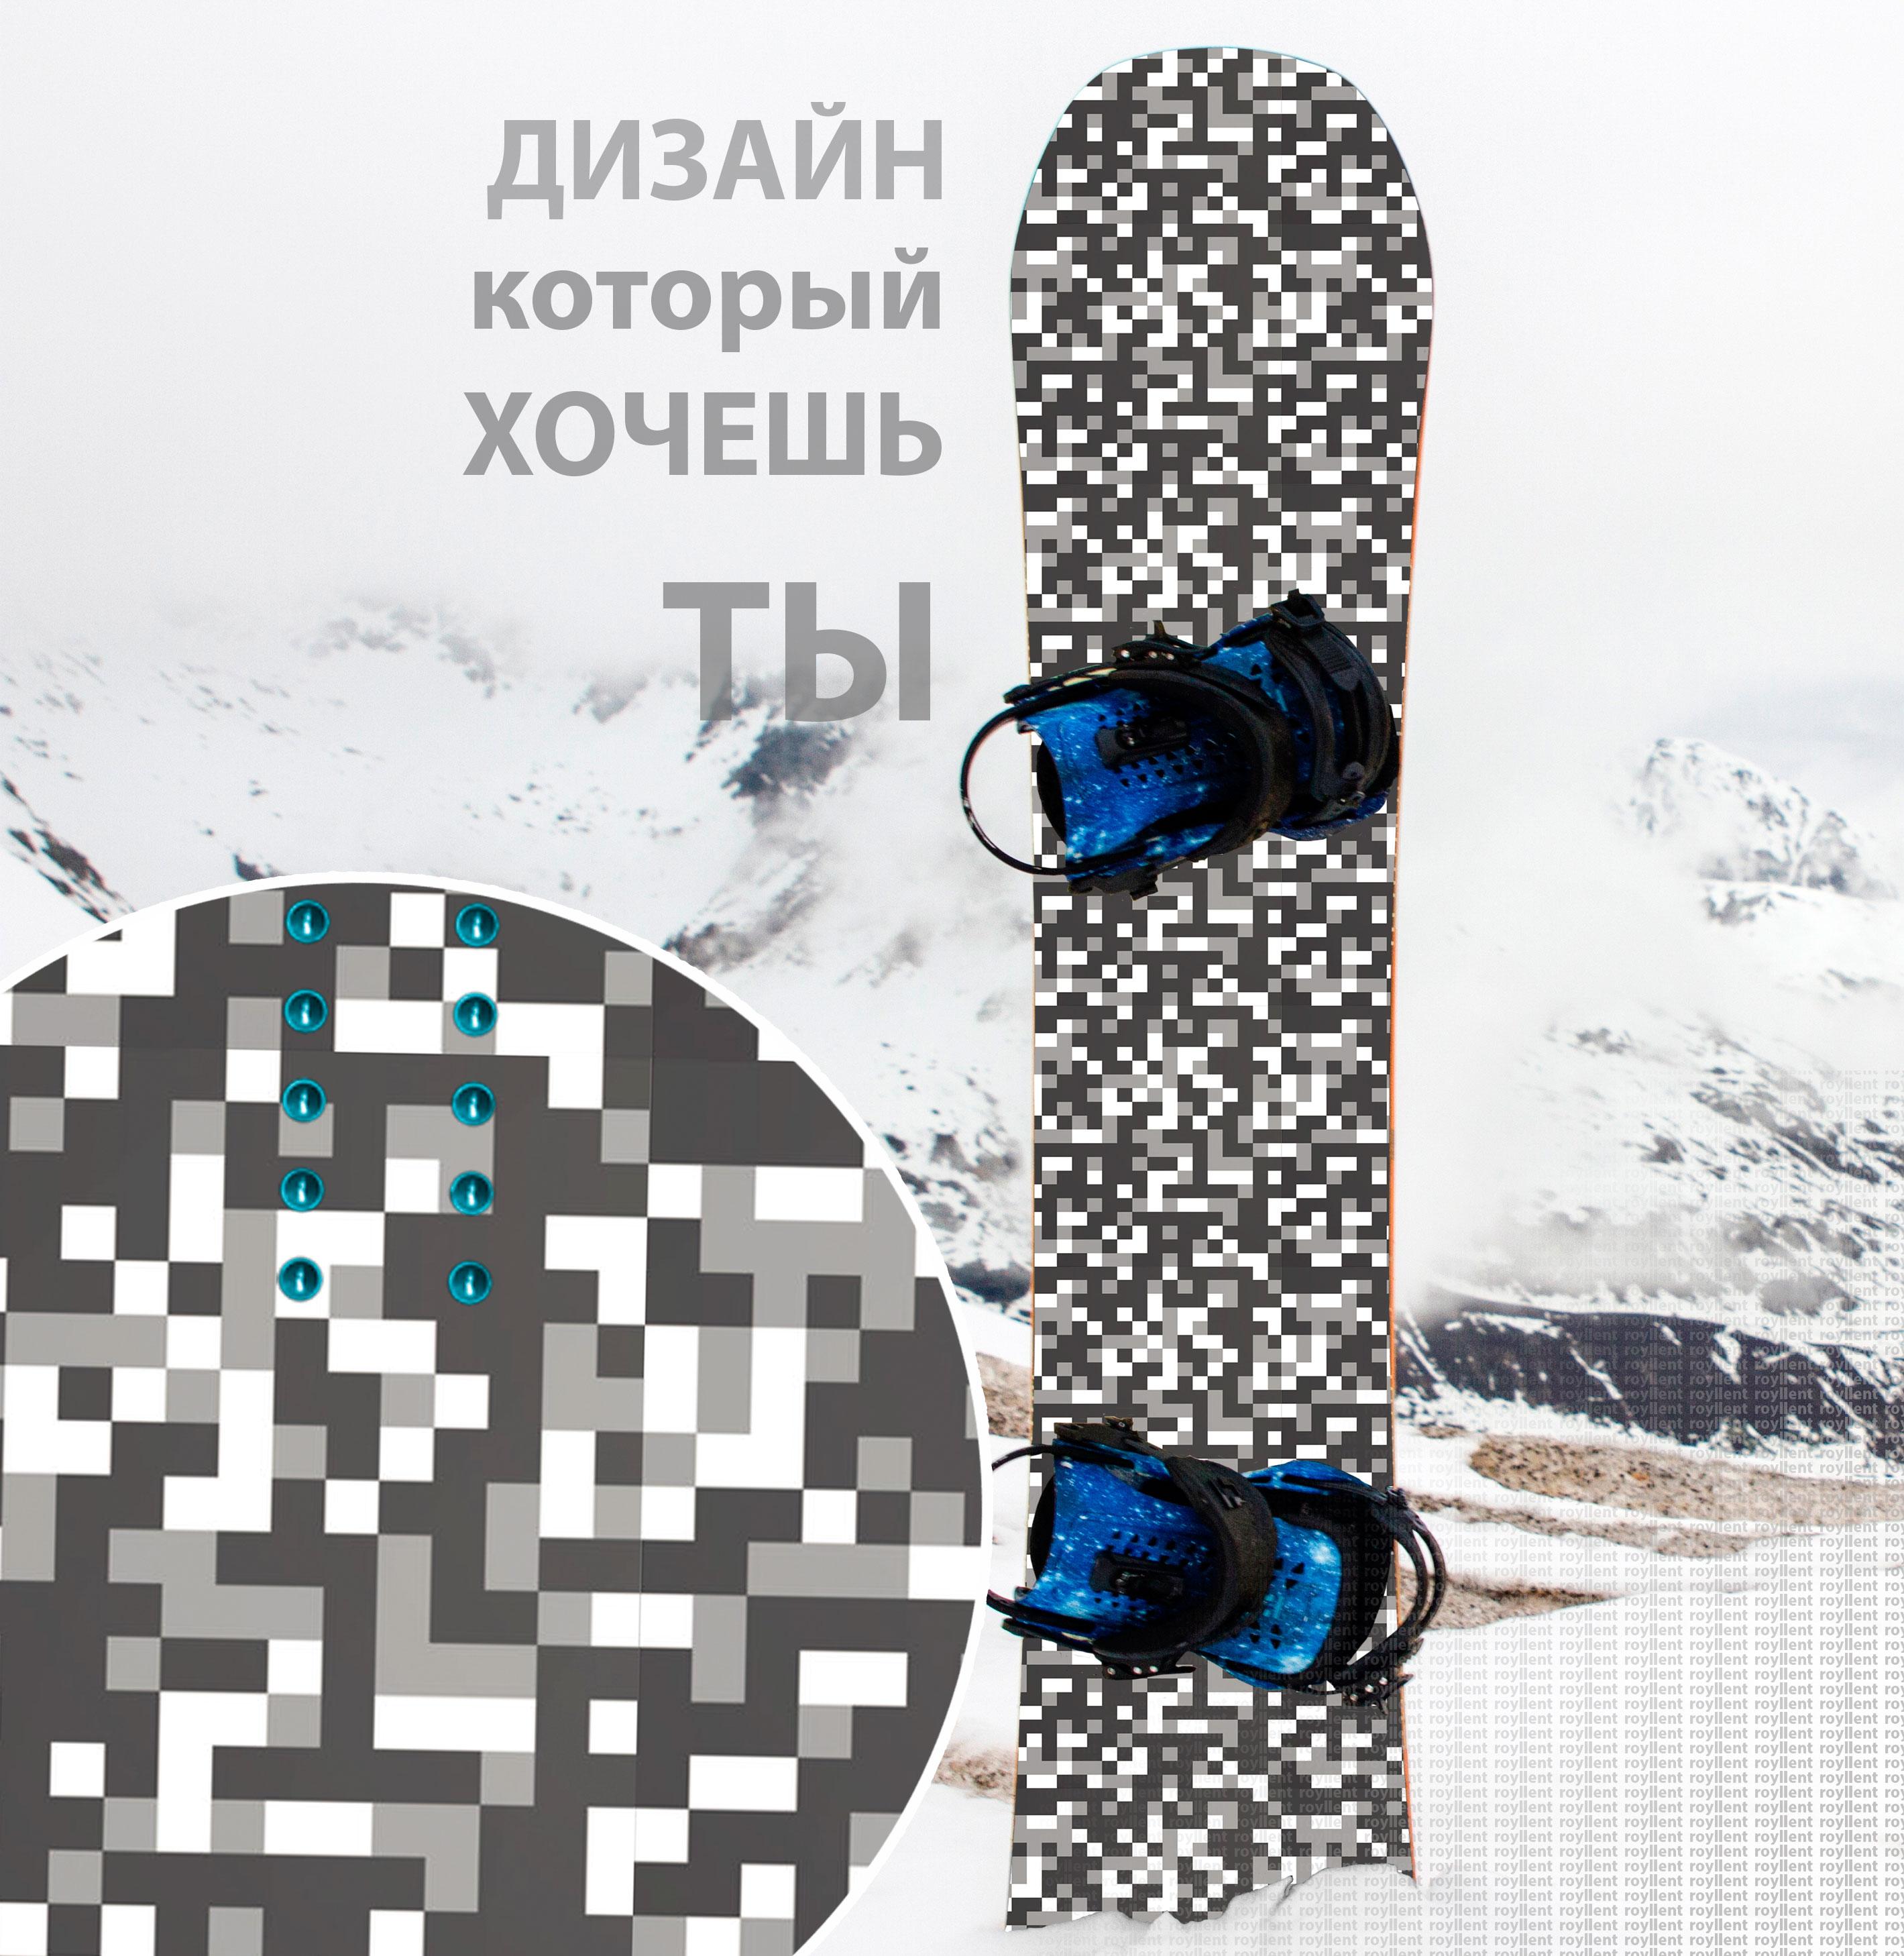 Наклейка на сноуборд Board Rockers designers купить в СПБ или МСК недорого